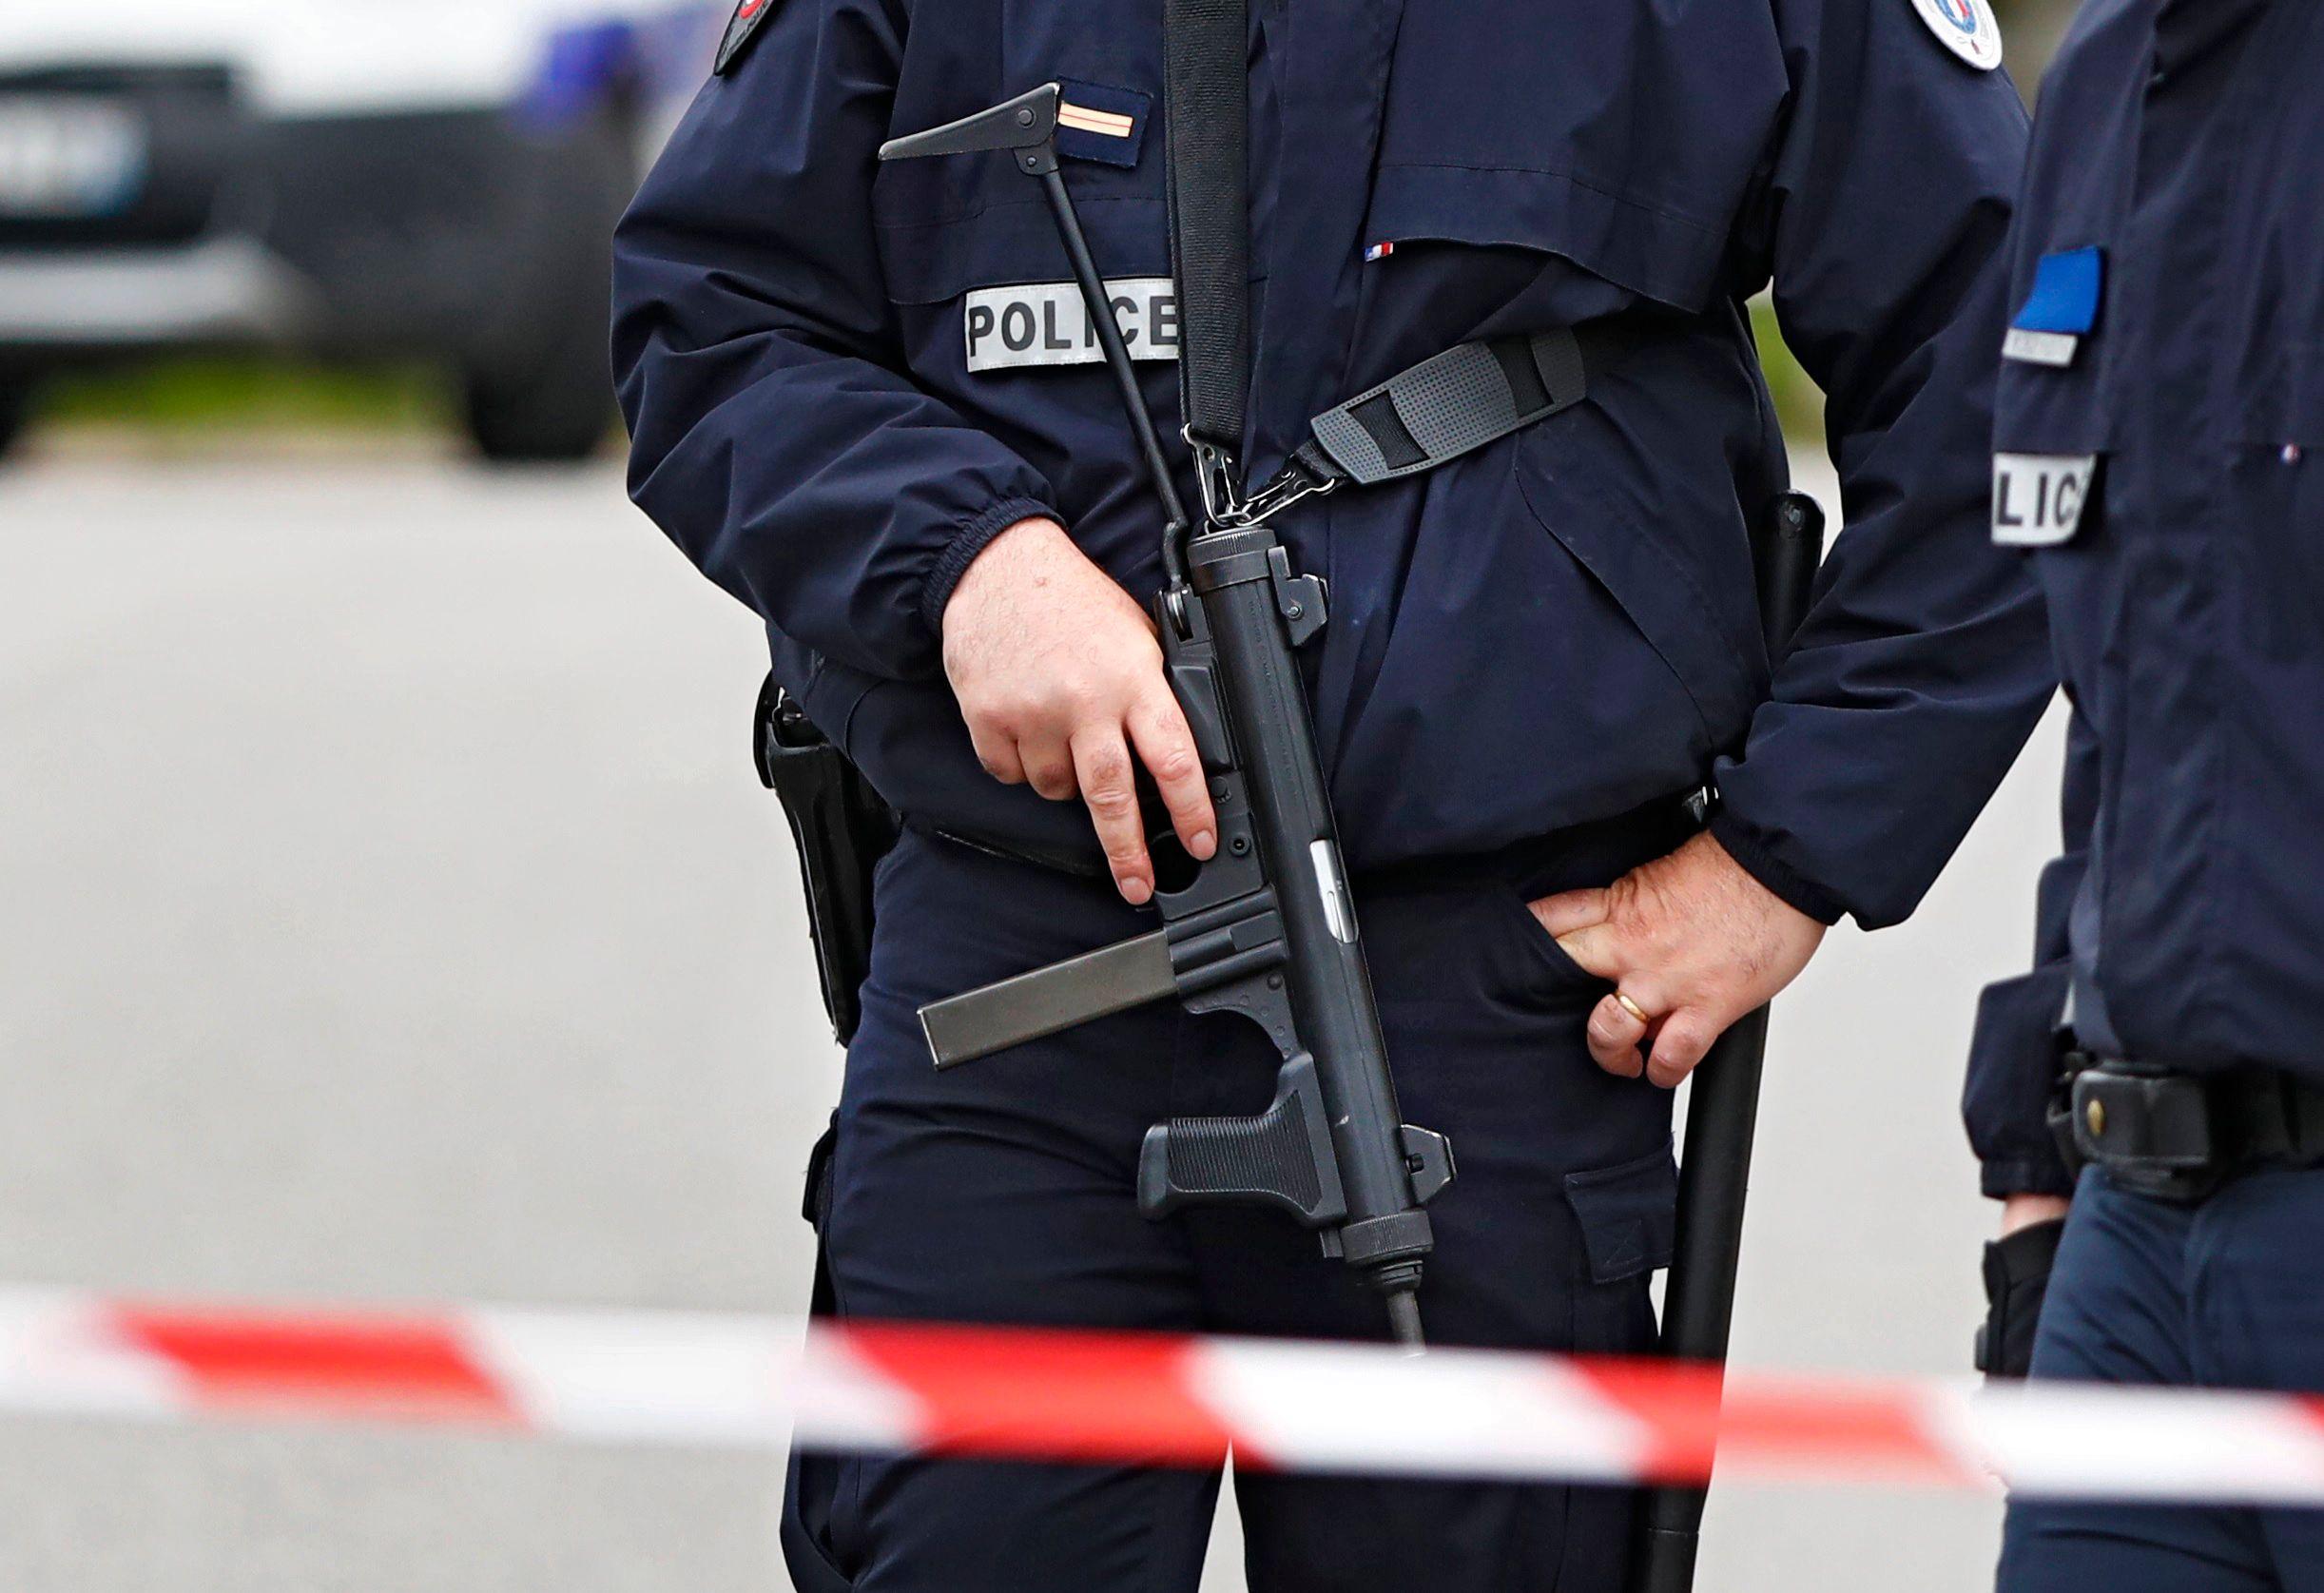 Plus de crimes violents et moins de policiers sur le terrain : pourquoi la France sécuritaire fait figure d'anomalie en Europe